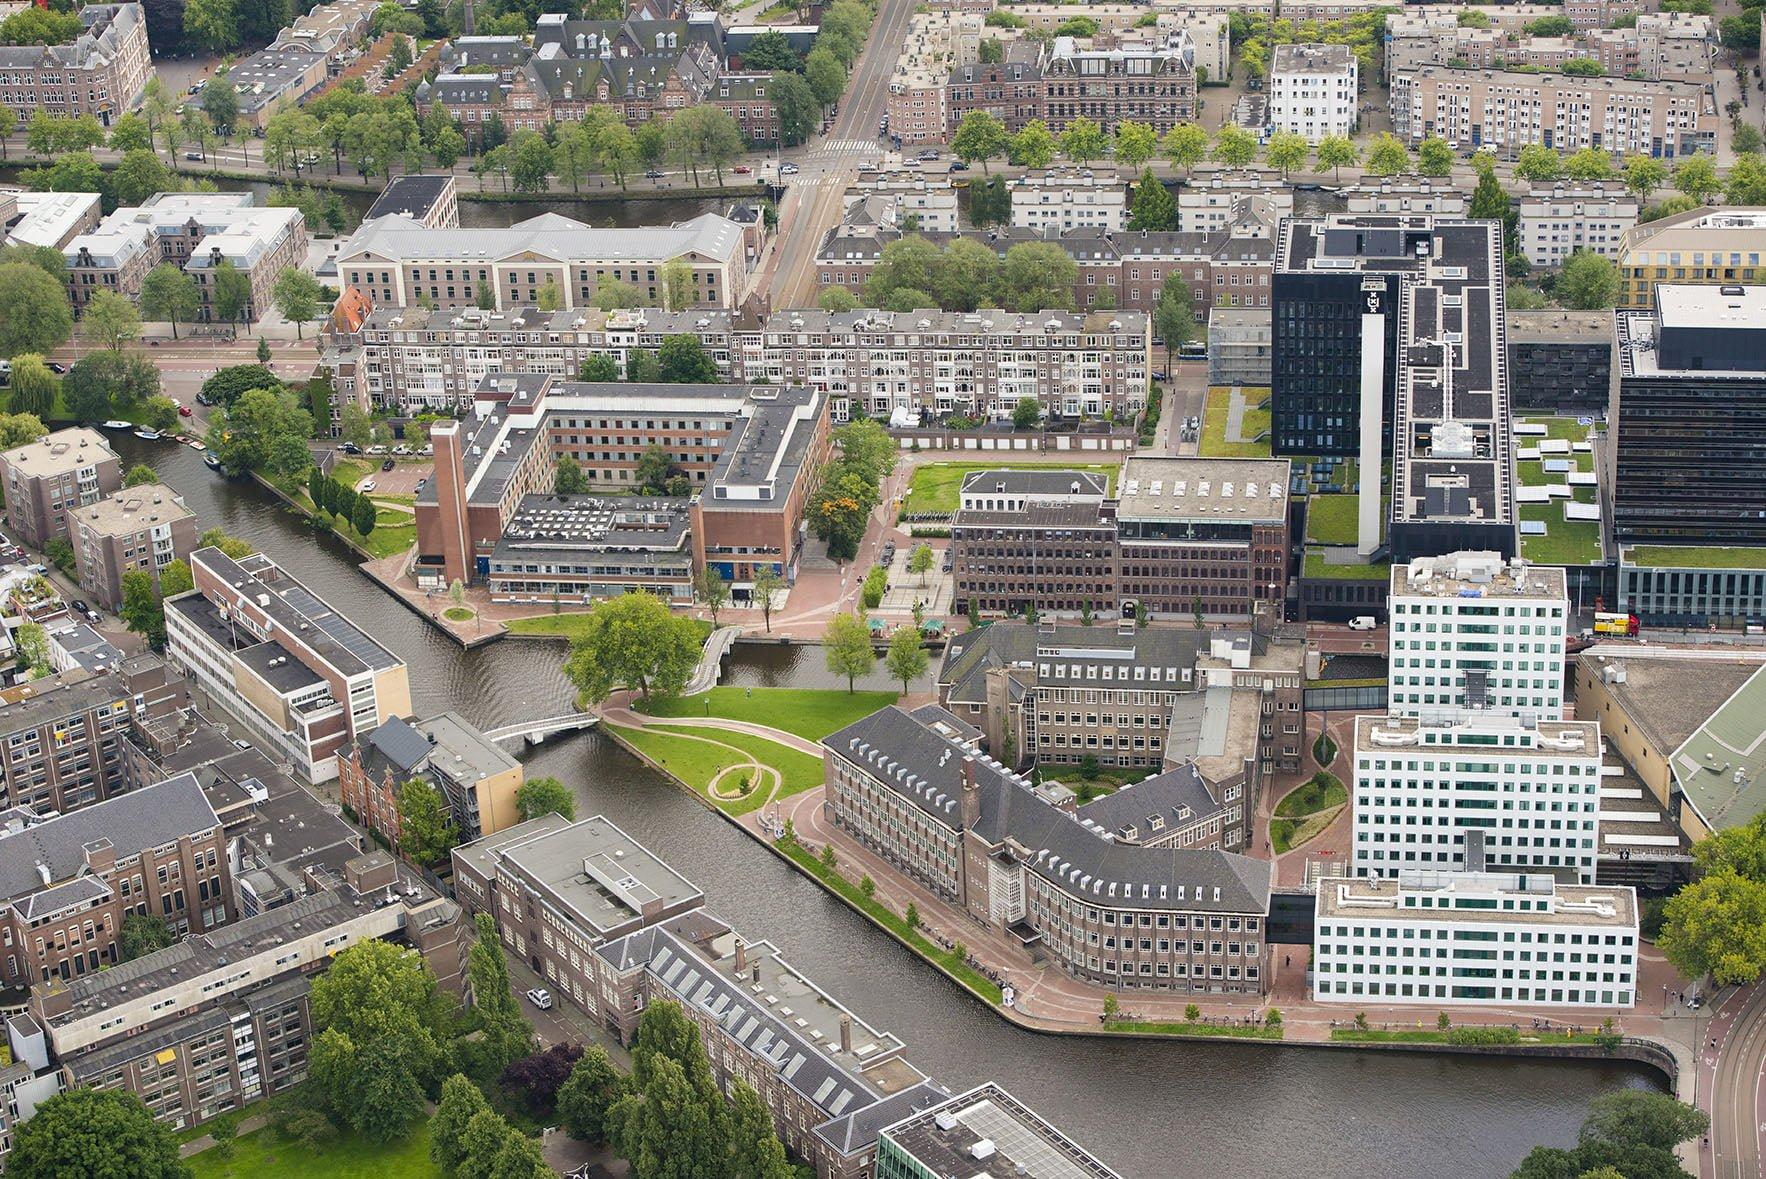 Luchtfoto's van Amsterdam behoren ook tot de mogelijkheden.